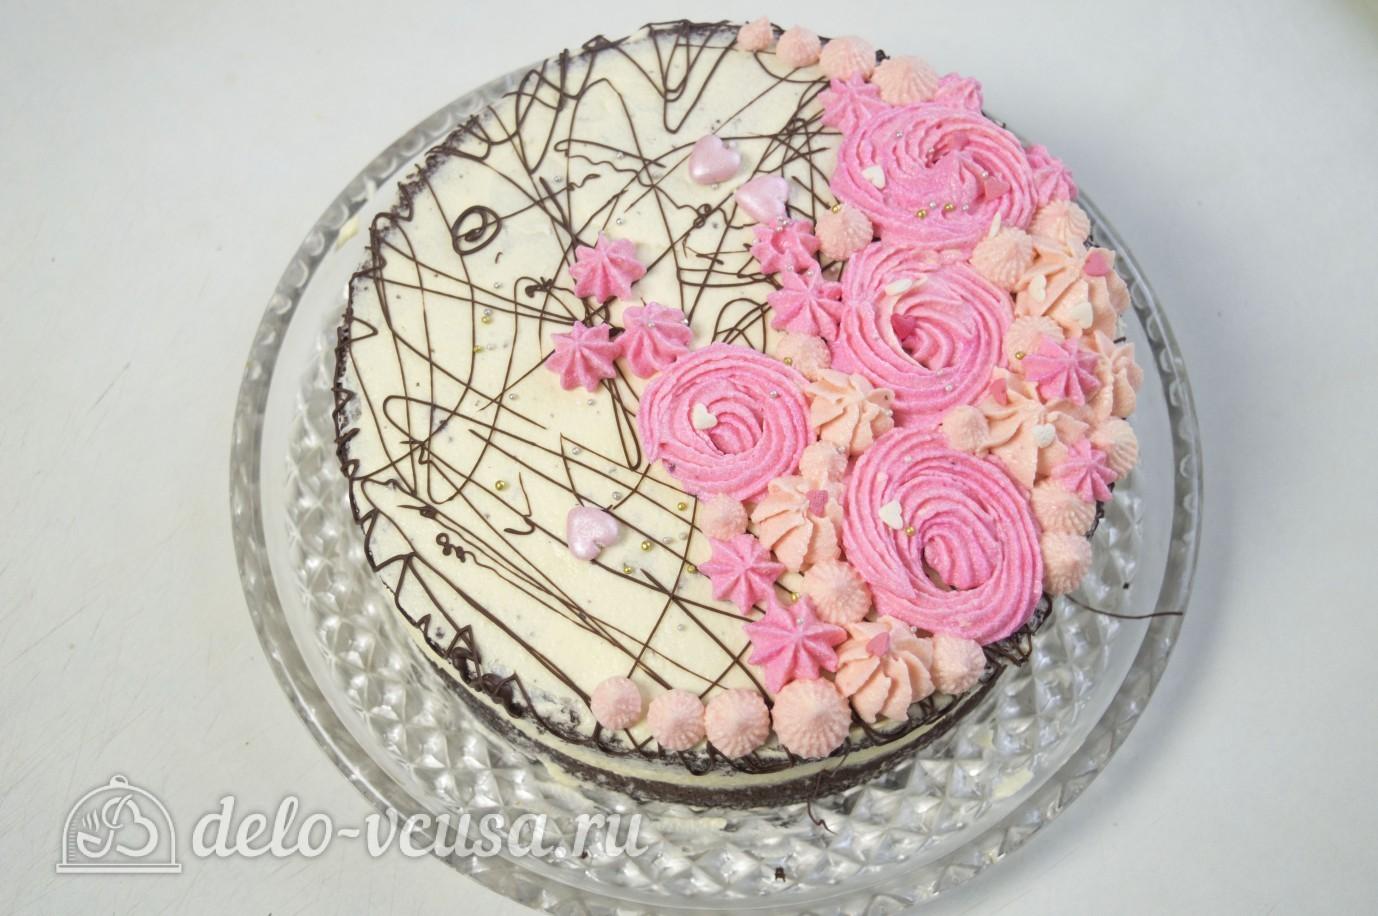 рецепт радужного торта с пищевыми красителями